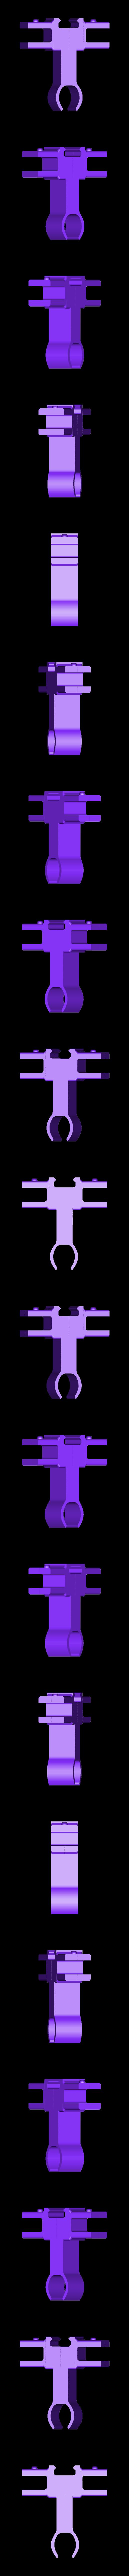 socket_1-2_TwoSided_-_ToolSmall.stl Télécharger fichier STL gratuit Organiseur de prises avec rail, double • Objet pour impression 3D, danielscatigno